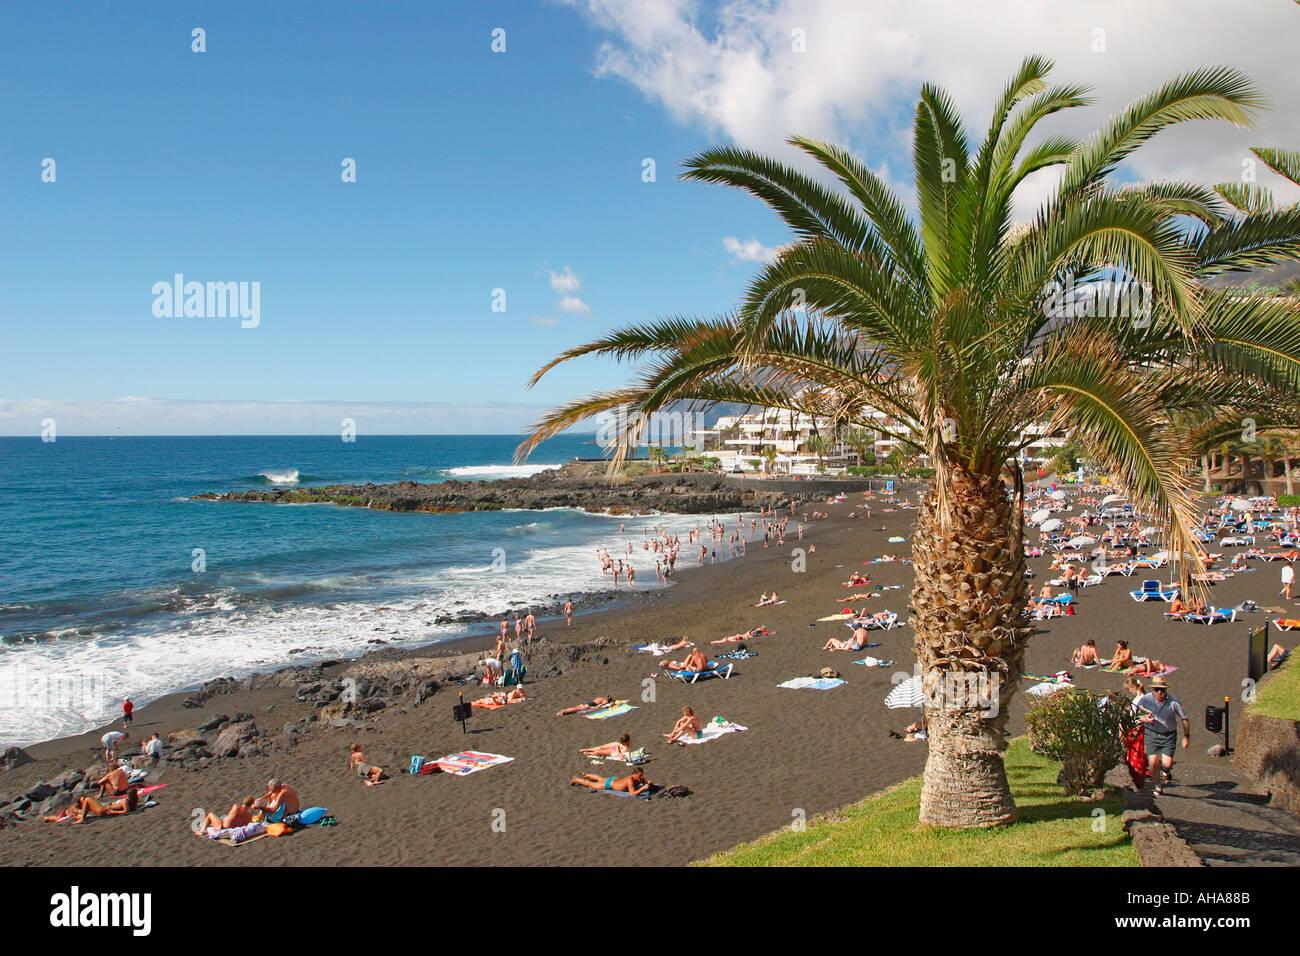 Playa de la arena puerto de santiago tenerife canary islands spain stock photo royalty free - Puerto santiago tenerife mapa ...